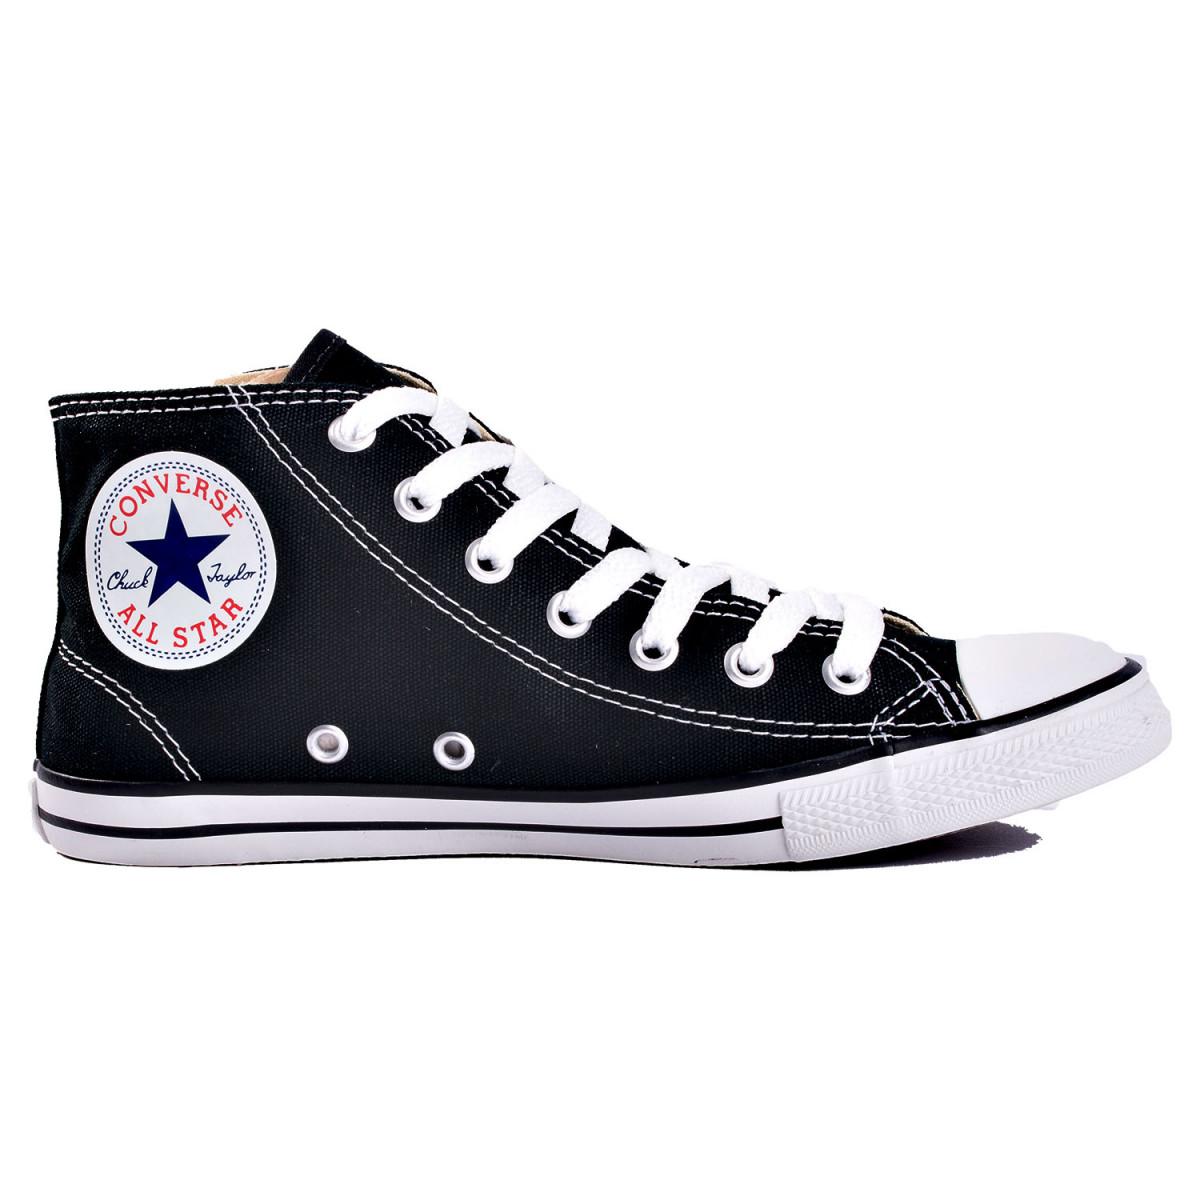 Zapatillas Converse Chuck Taylor Dainty